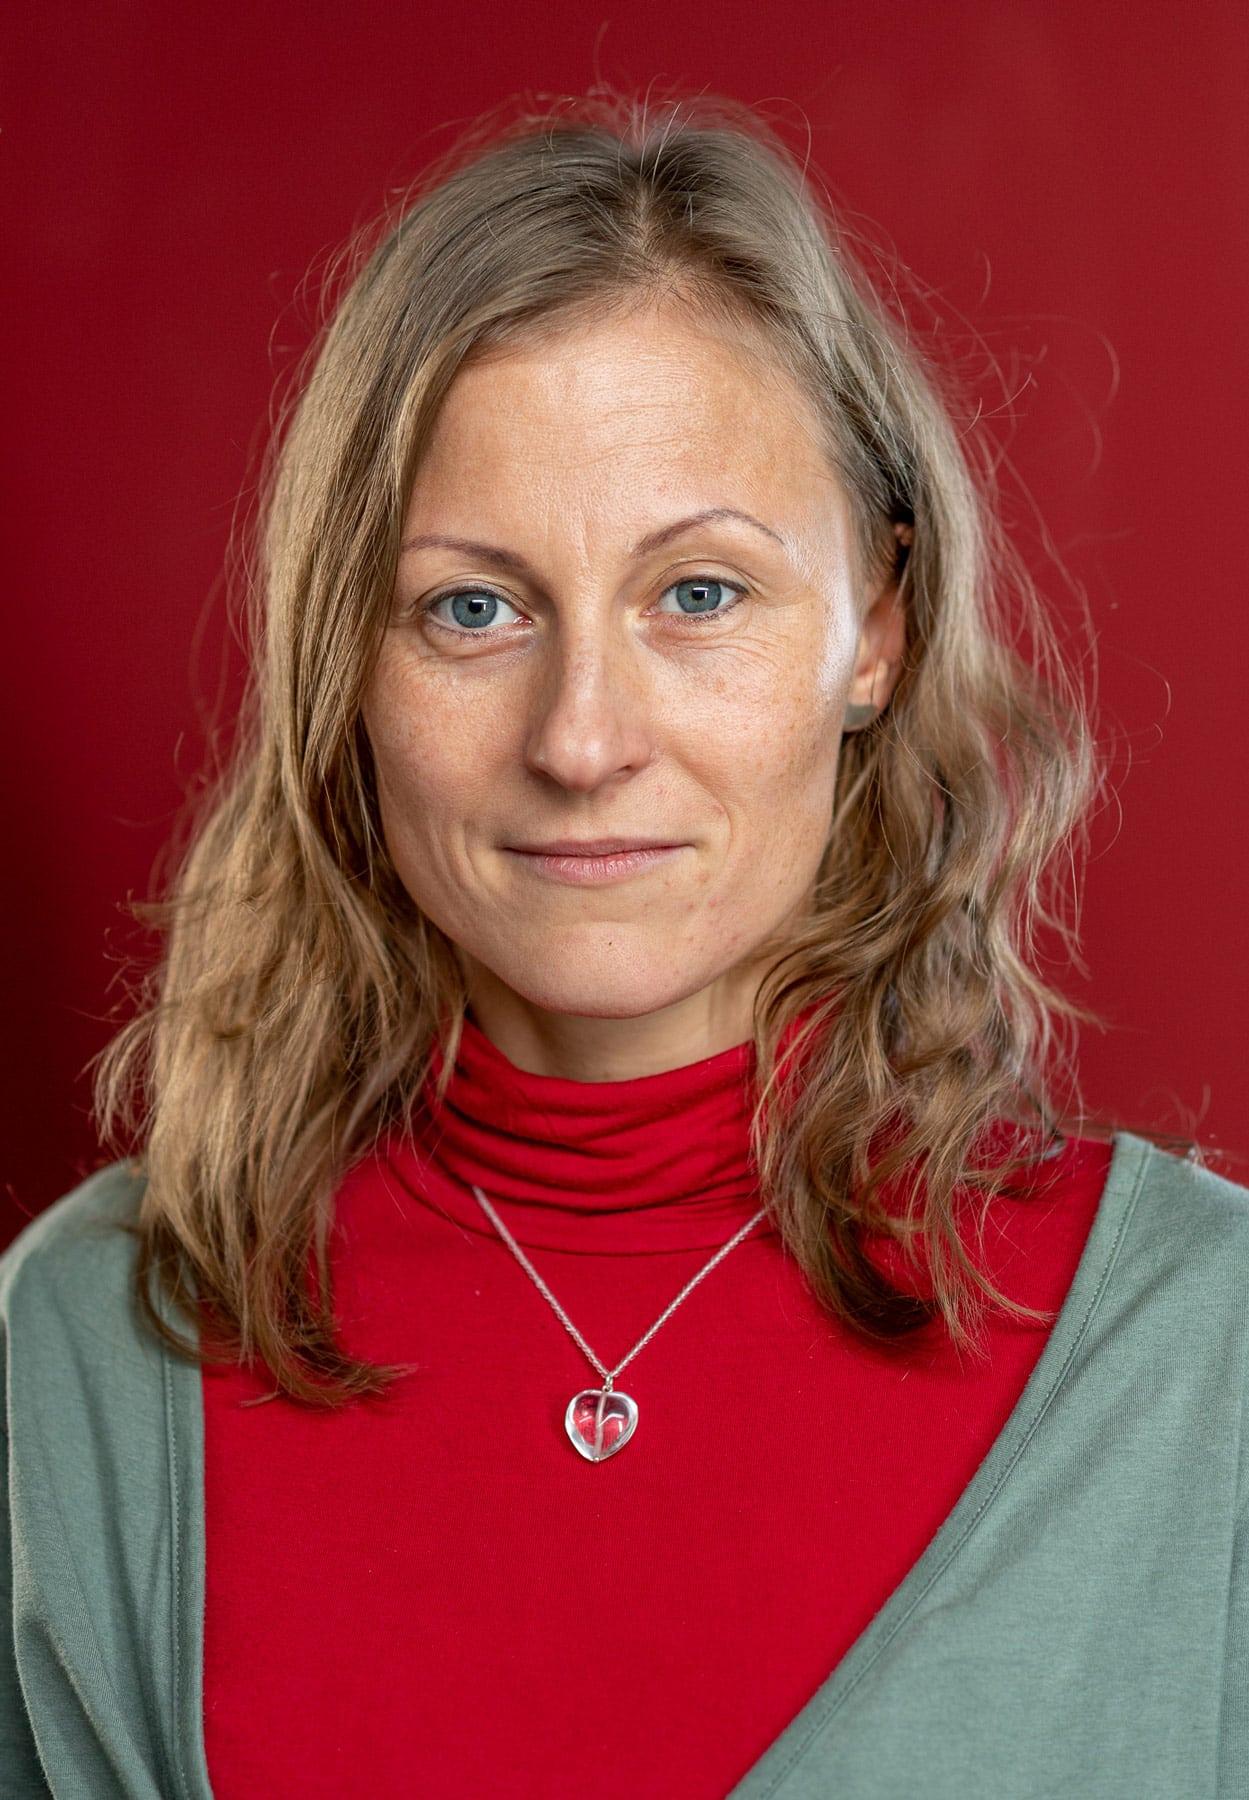 Portrait eine jungen Frau mit rotem Rollkragenpulli